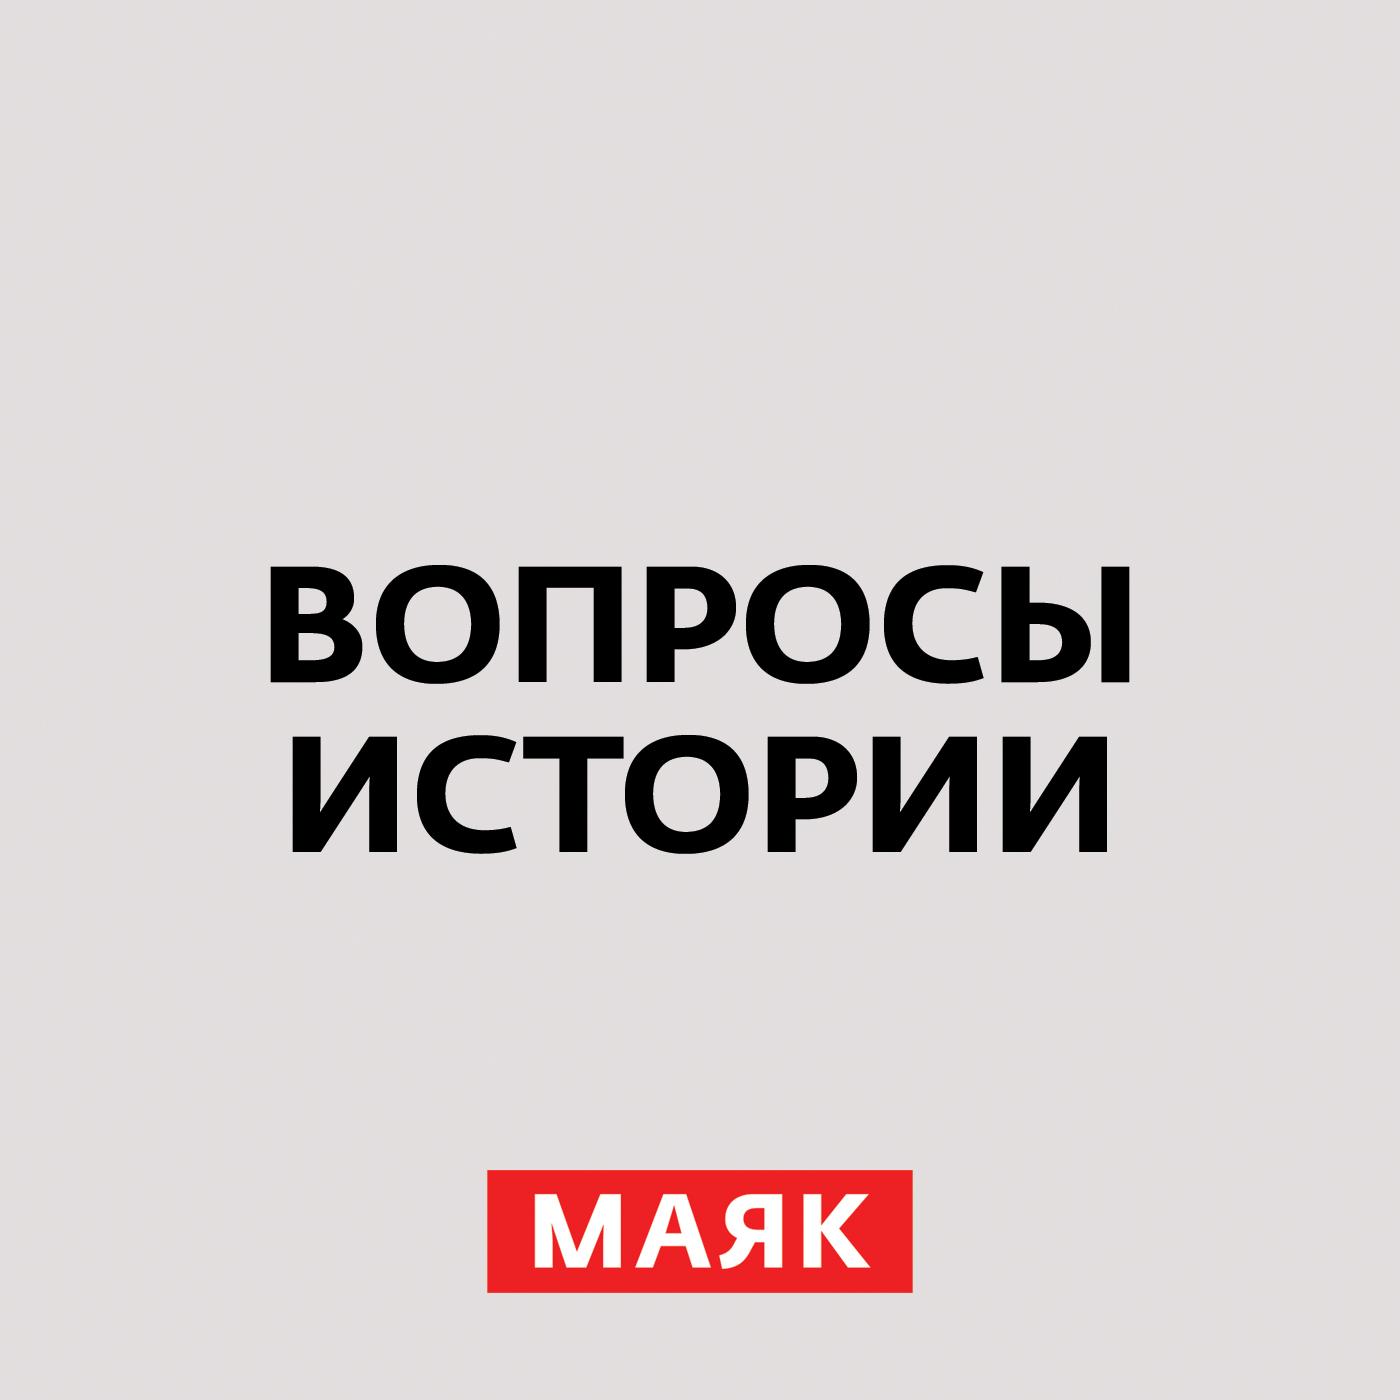 Андрей Светенко Криминальная хроника 30-х годов ничем не отличается от современности андрей светенко при хрущёве люди освободились от страха